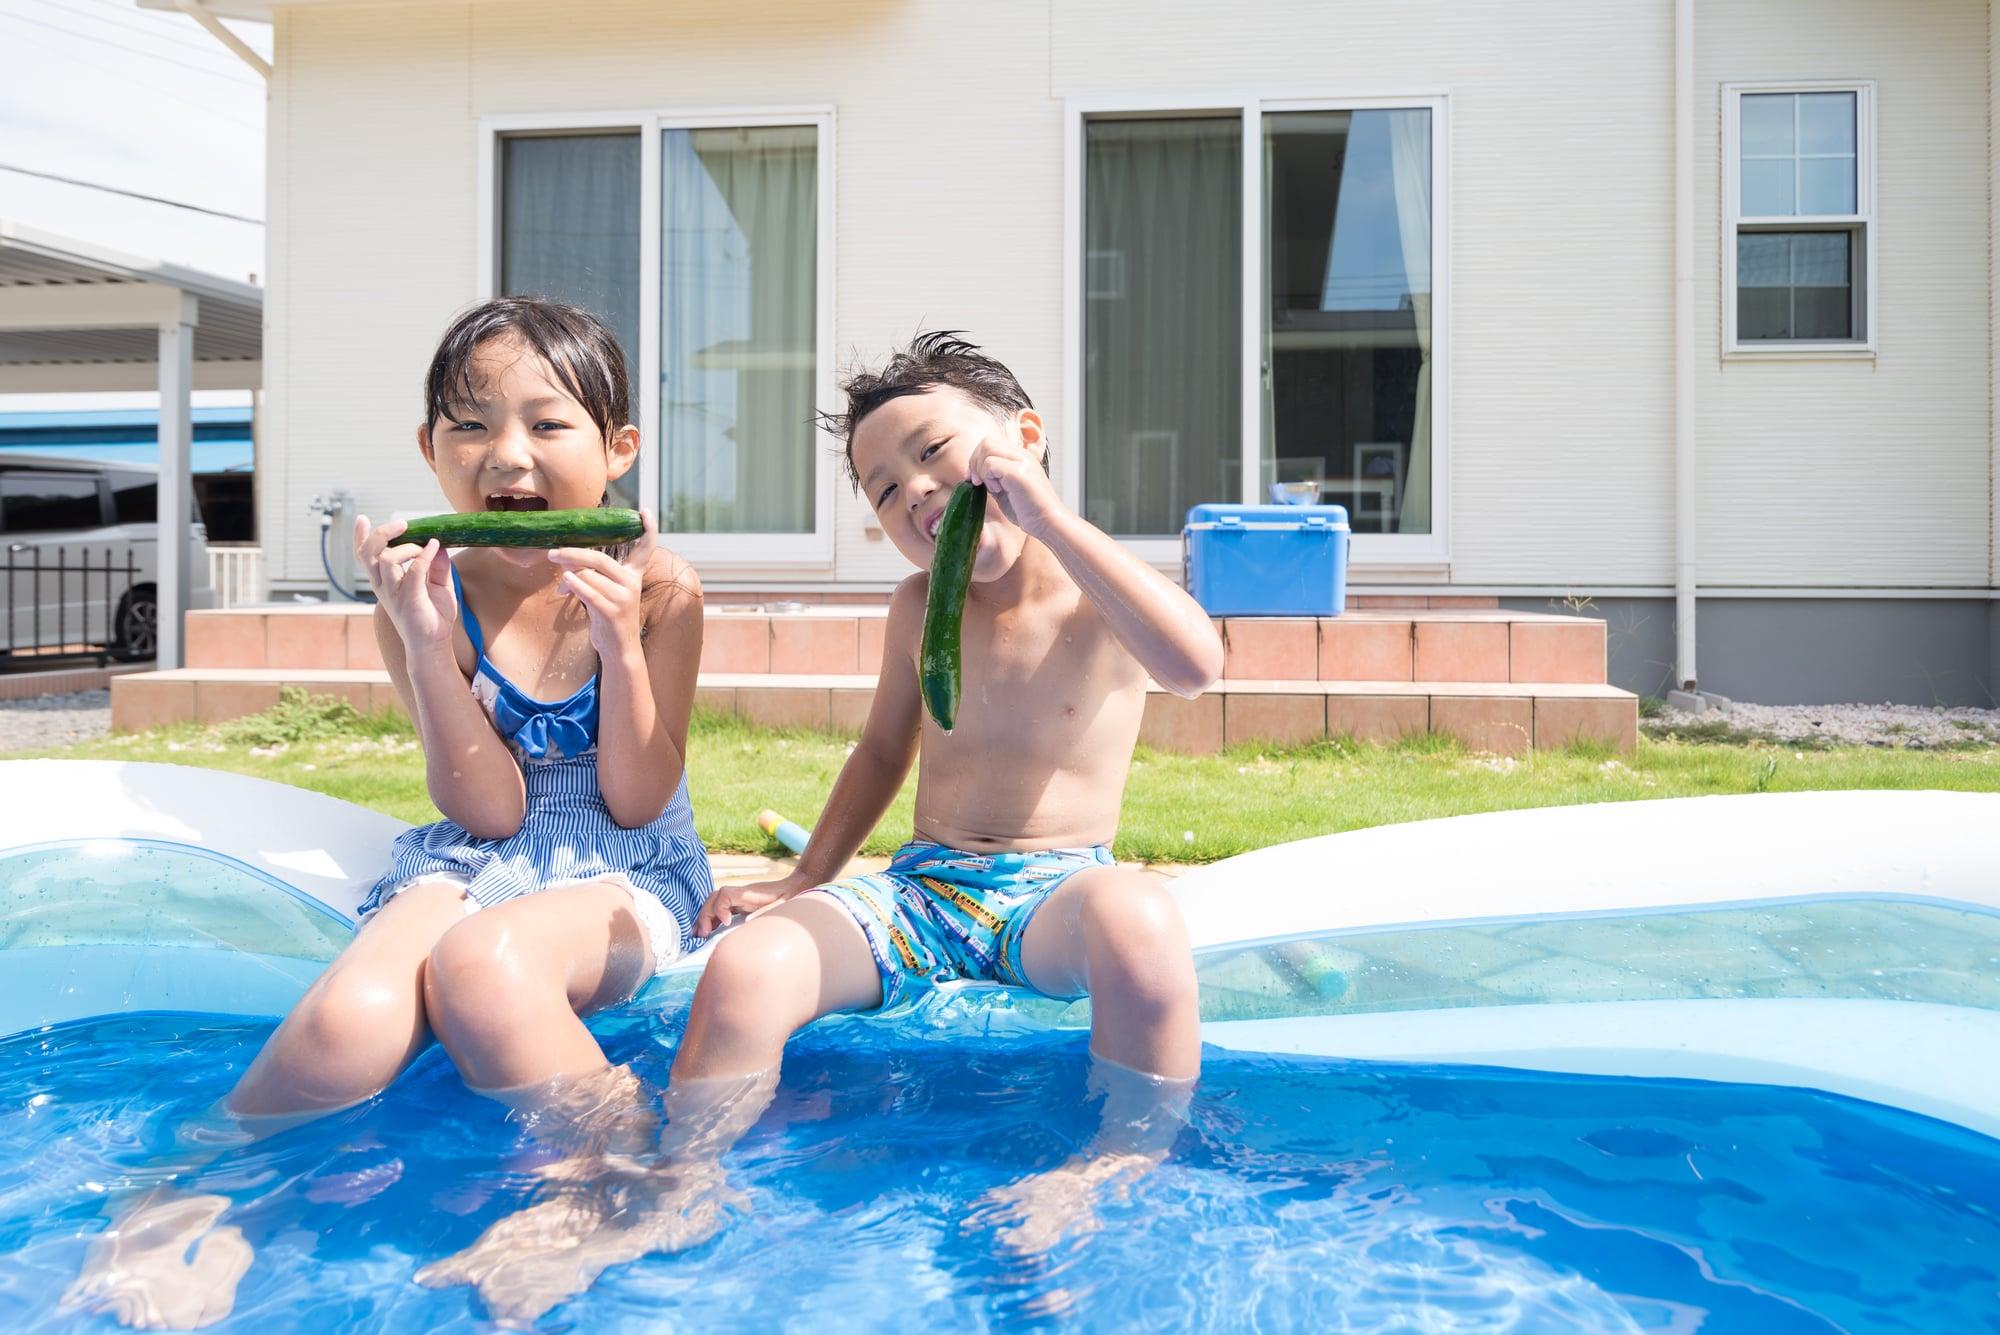 きゅうりをプールで食べる兄弟